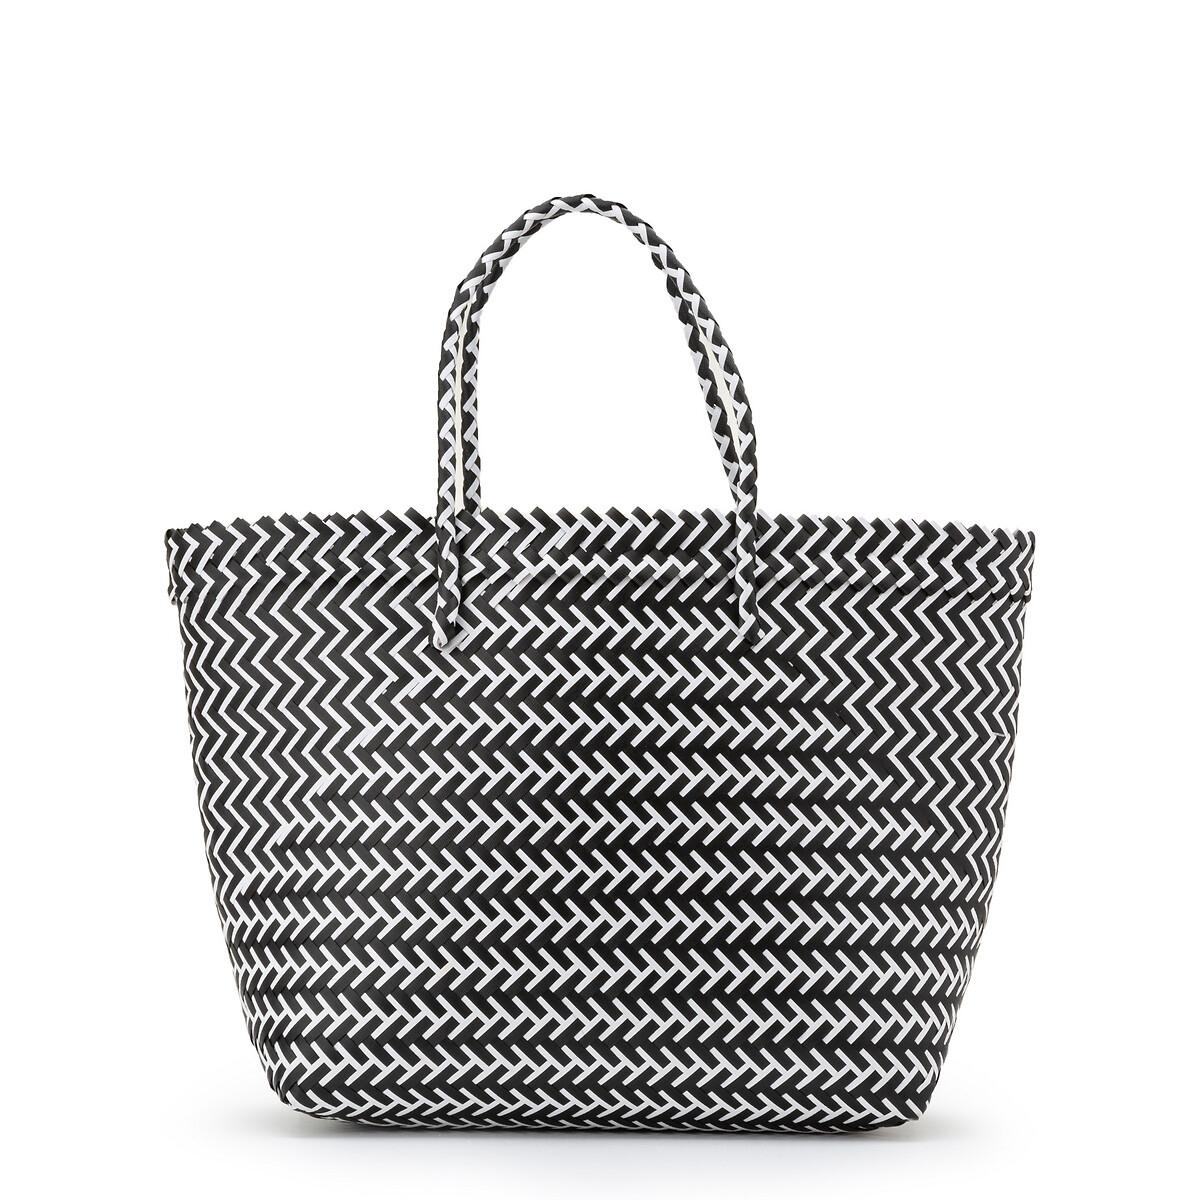 цена Сумка-корзинка La Redoute С графическим принтом единый размер белый онлайн в 2017 году